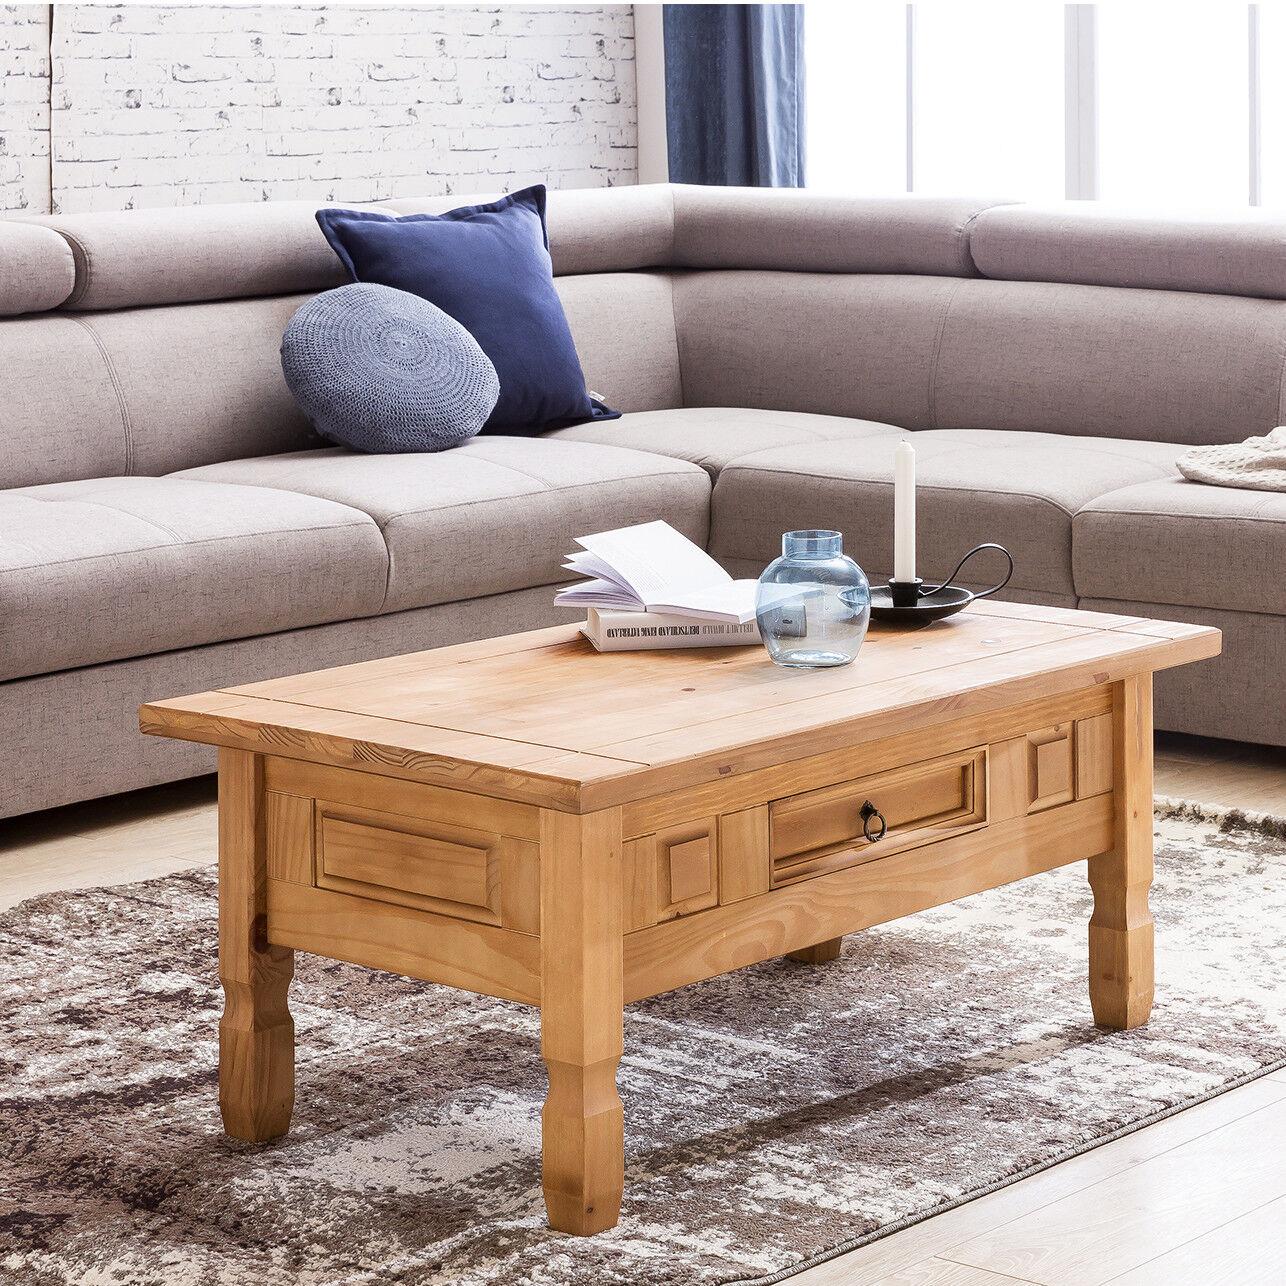 Couchtisch Kiefer Holz 100 x 60 cm Wohnzimmertisch Massiv Tisch Holztisch Mexico